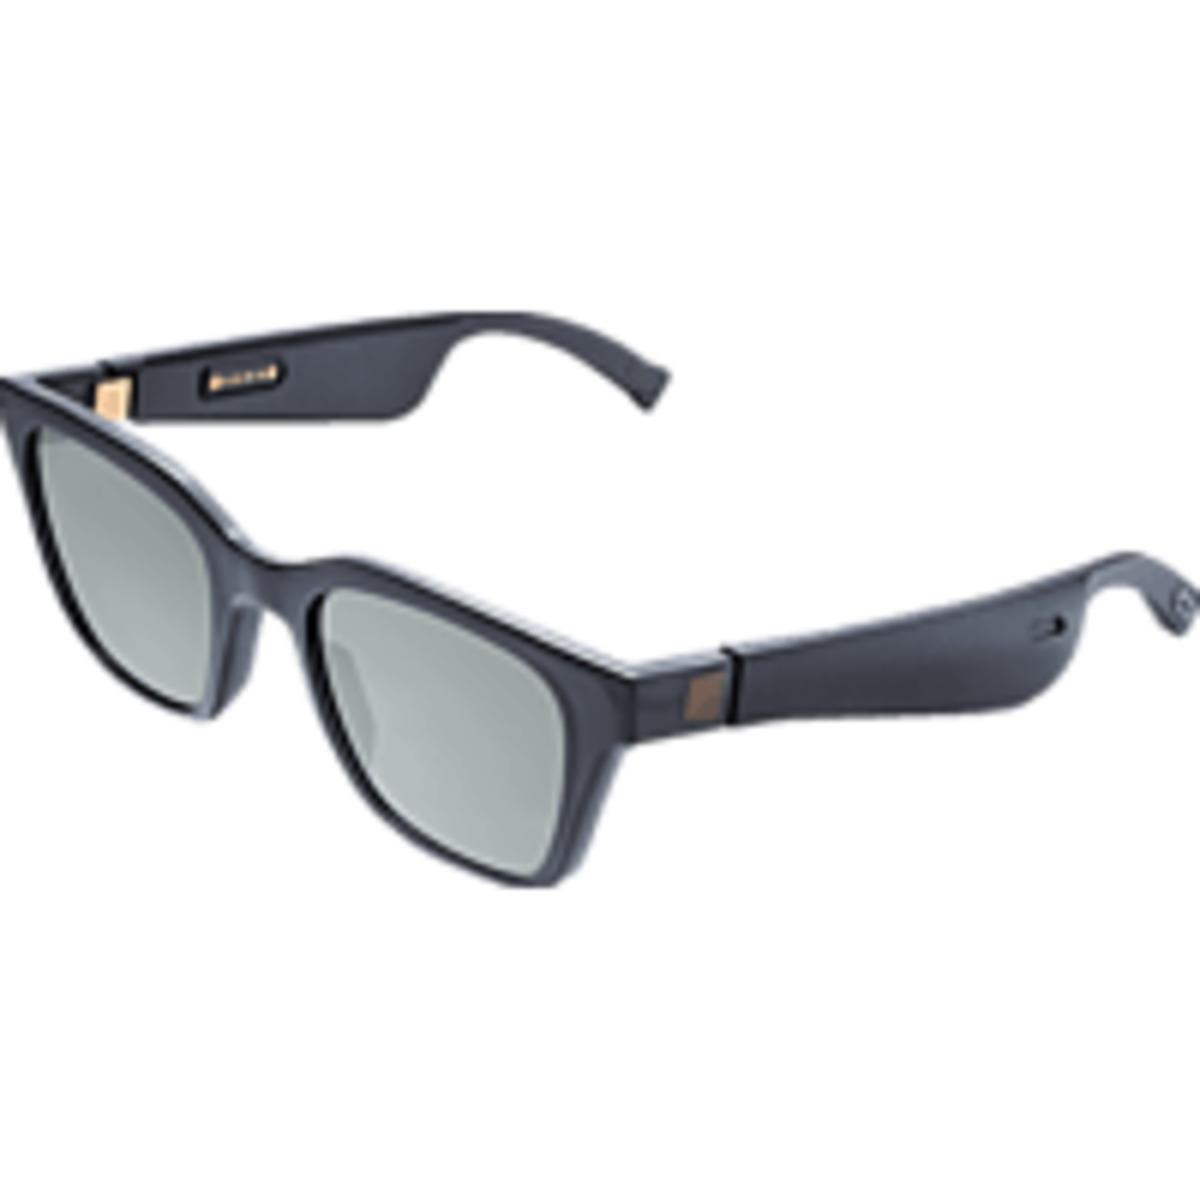 Bild 1 von BOSE Frames Alto Größe M/L, Open-ear Audio-Sonnenbrille Bluetooth Schwarz